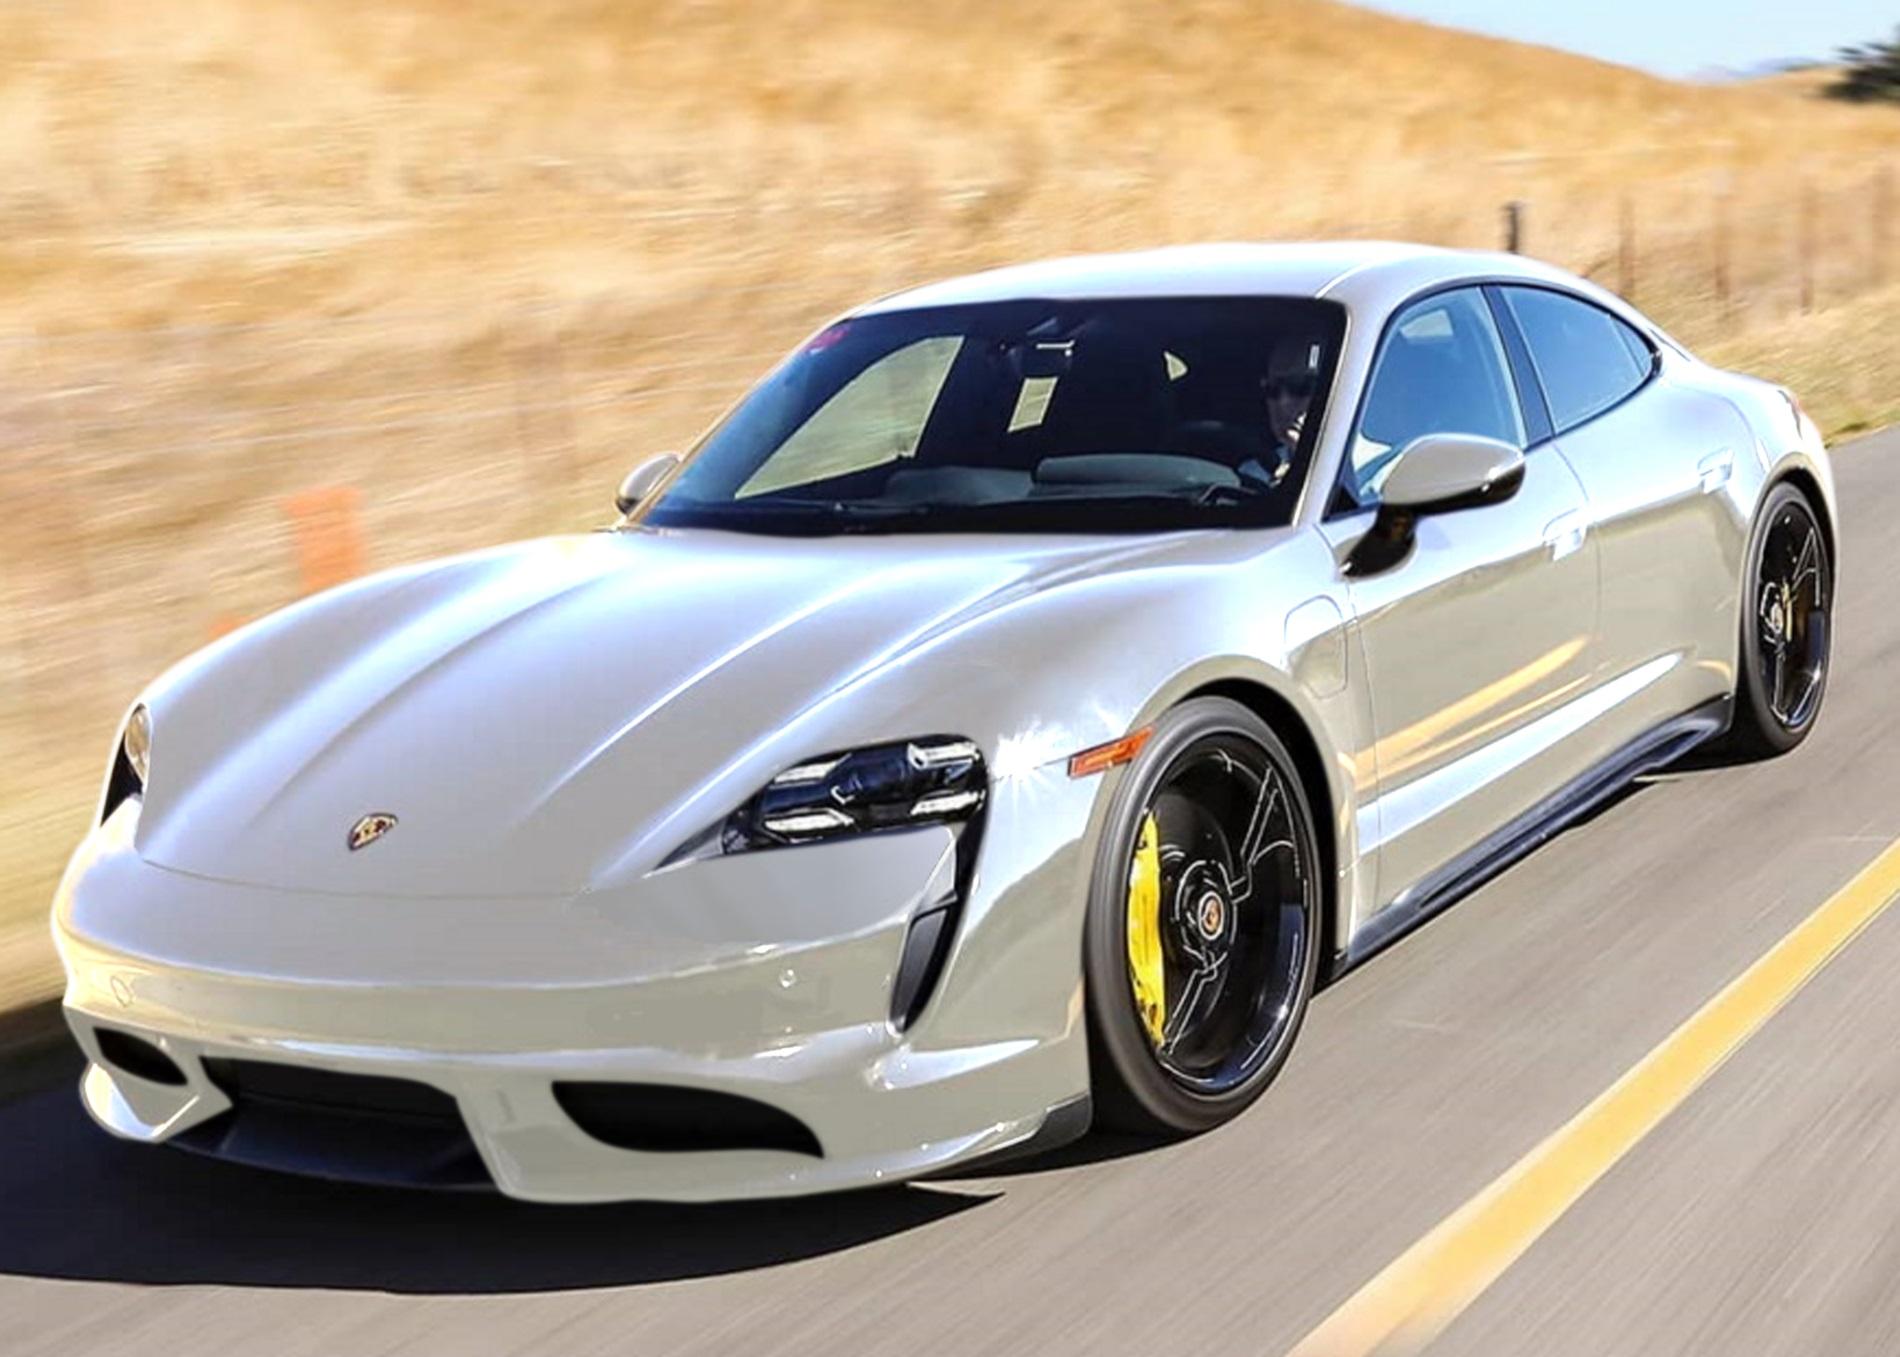 Porsche-Taycan-renderings-5